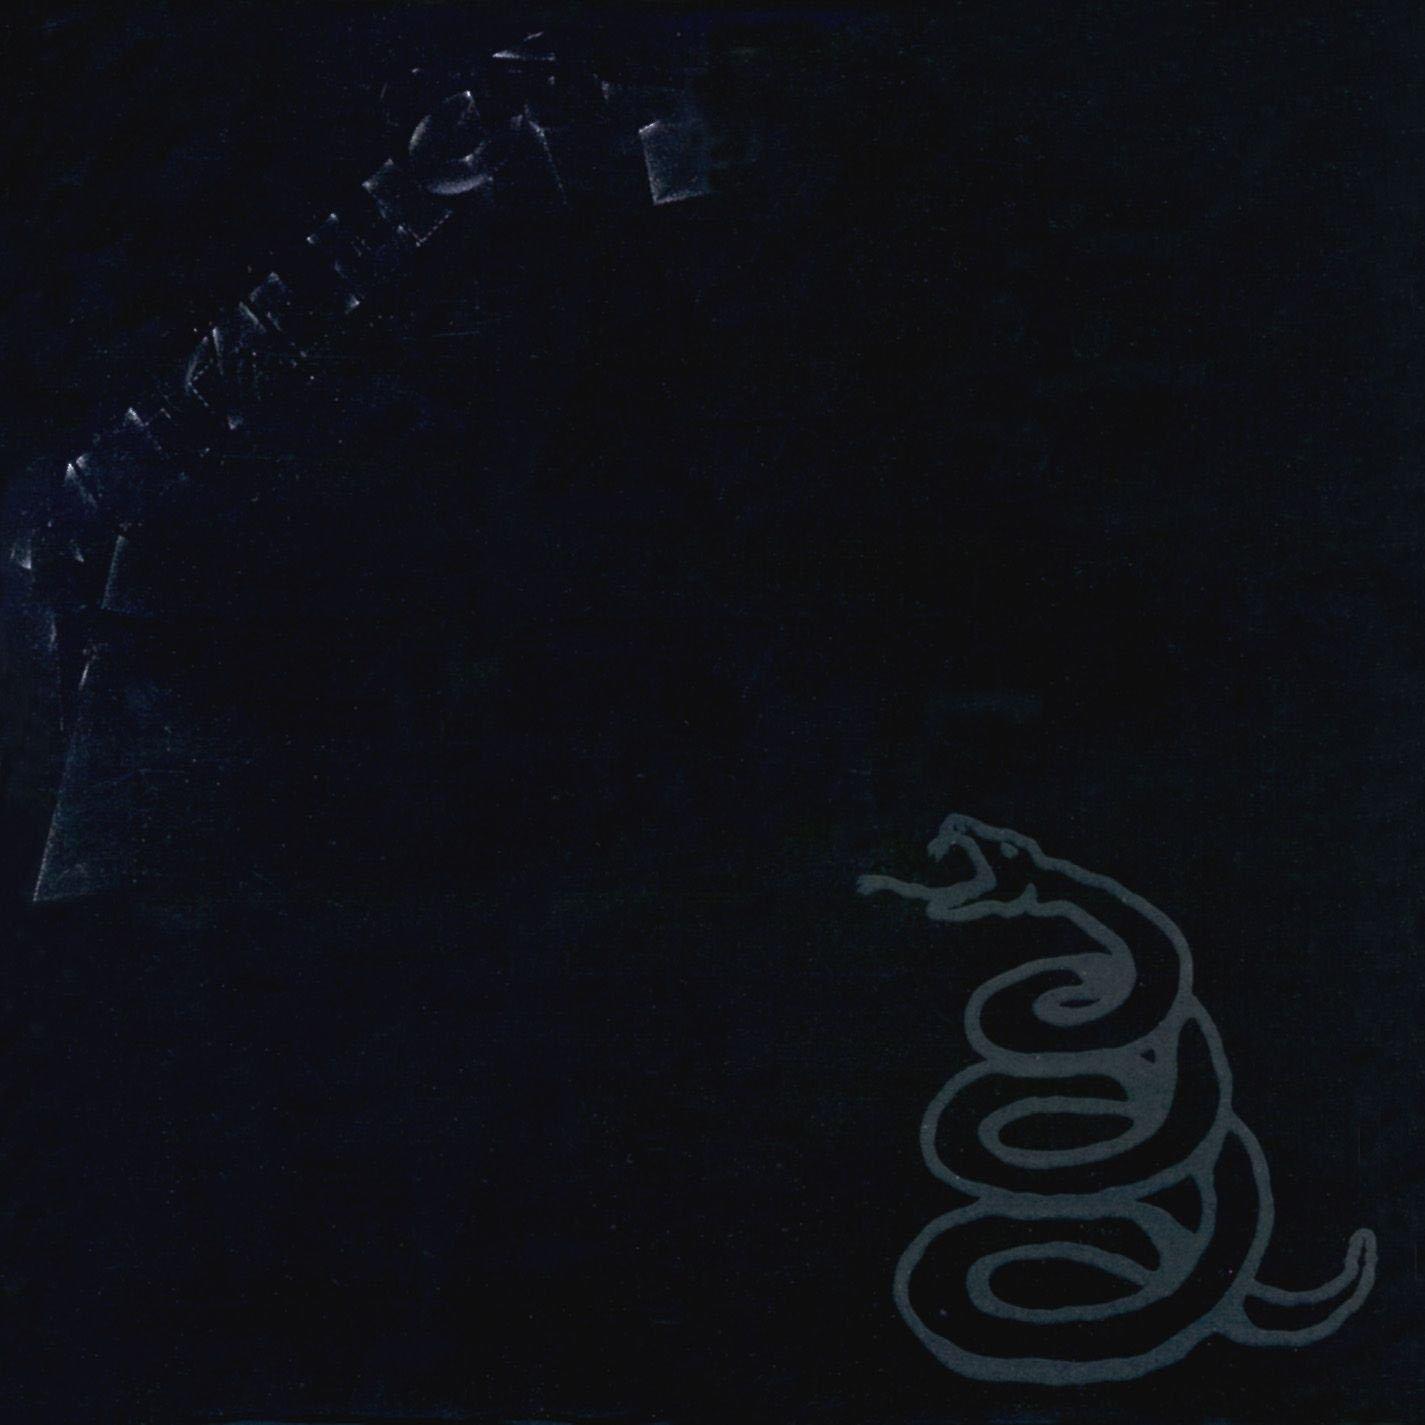 metallica black album full album download mp3